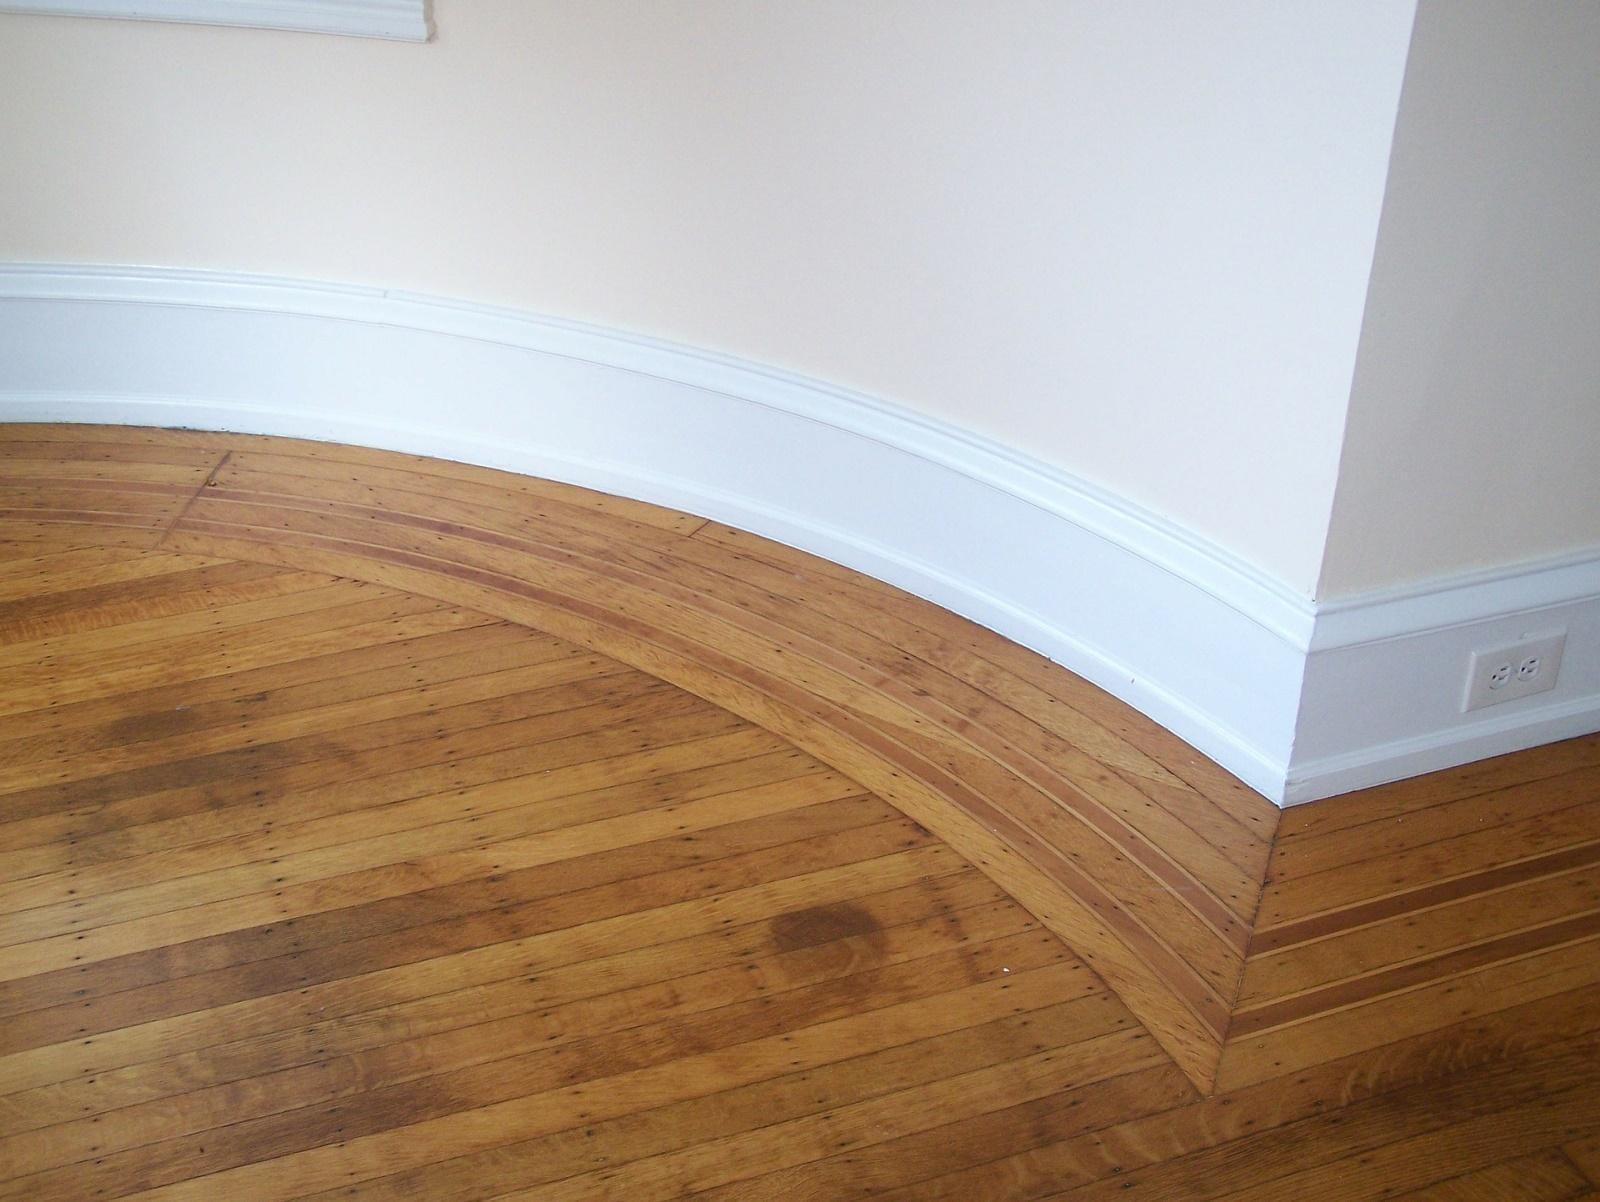 Retaprene Adesivos para piso de madeira